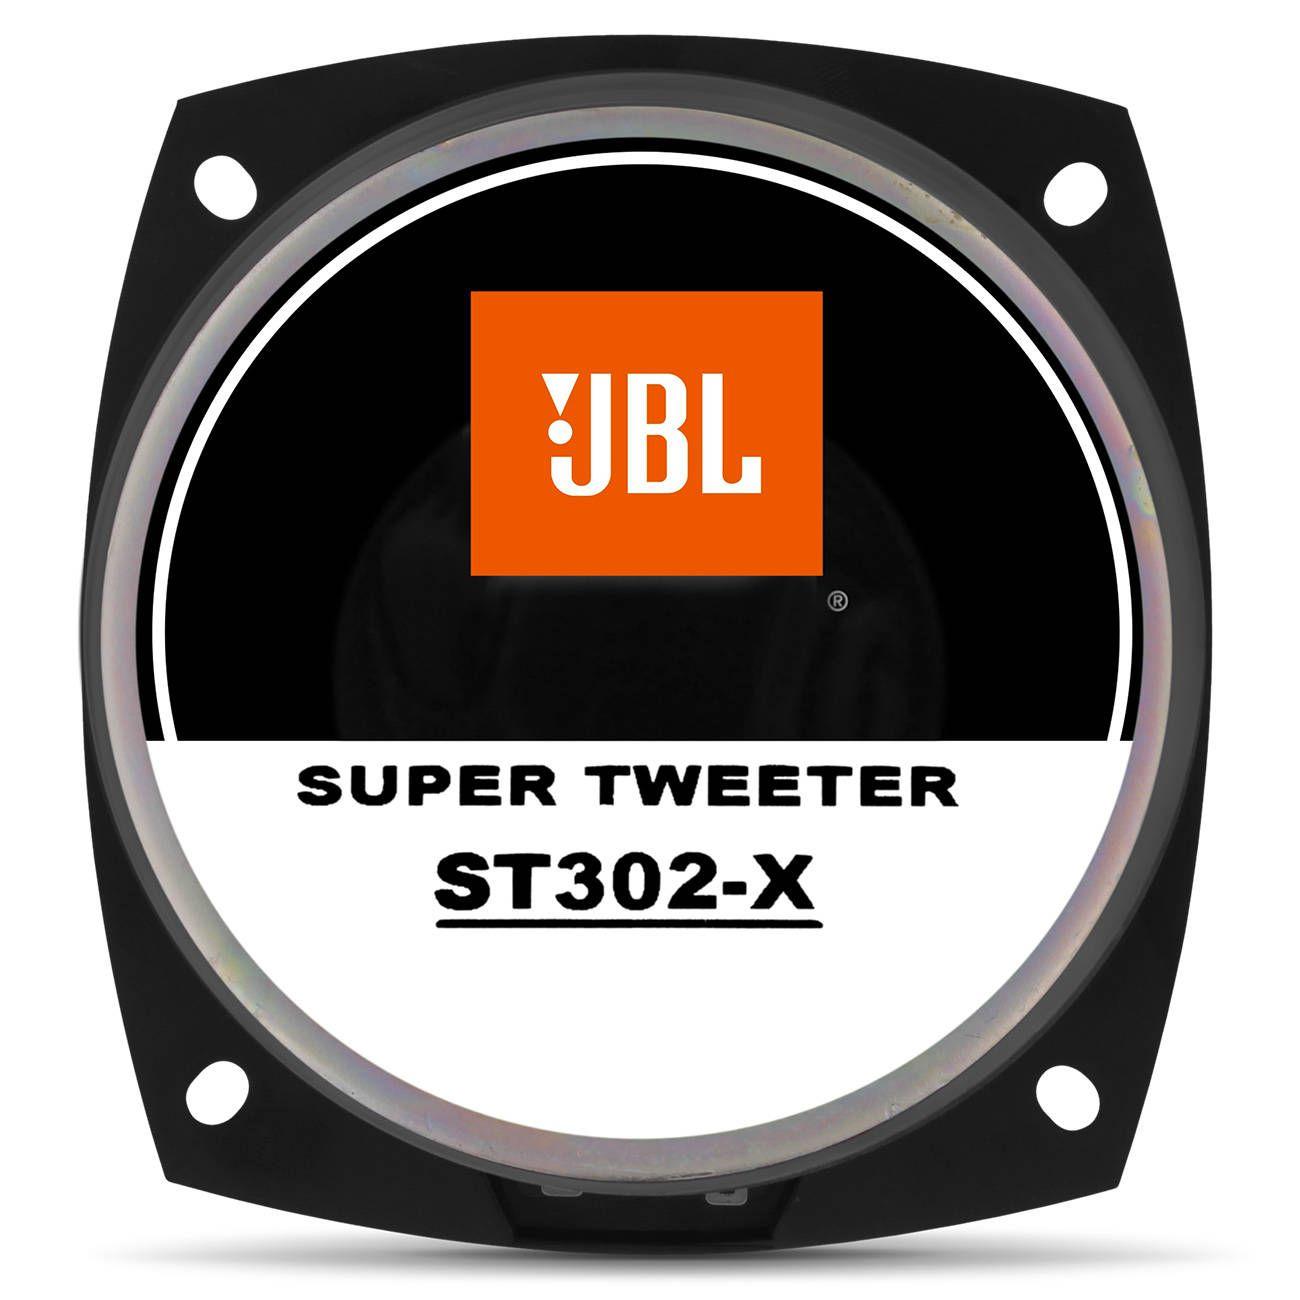 SUPER TWEETER 125W RMS ST302-X